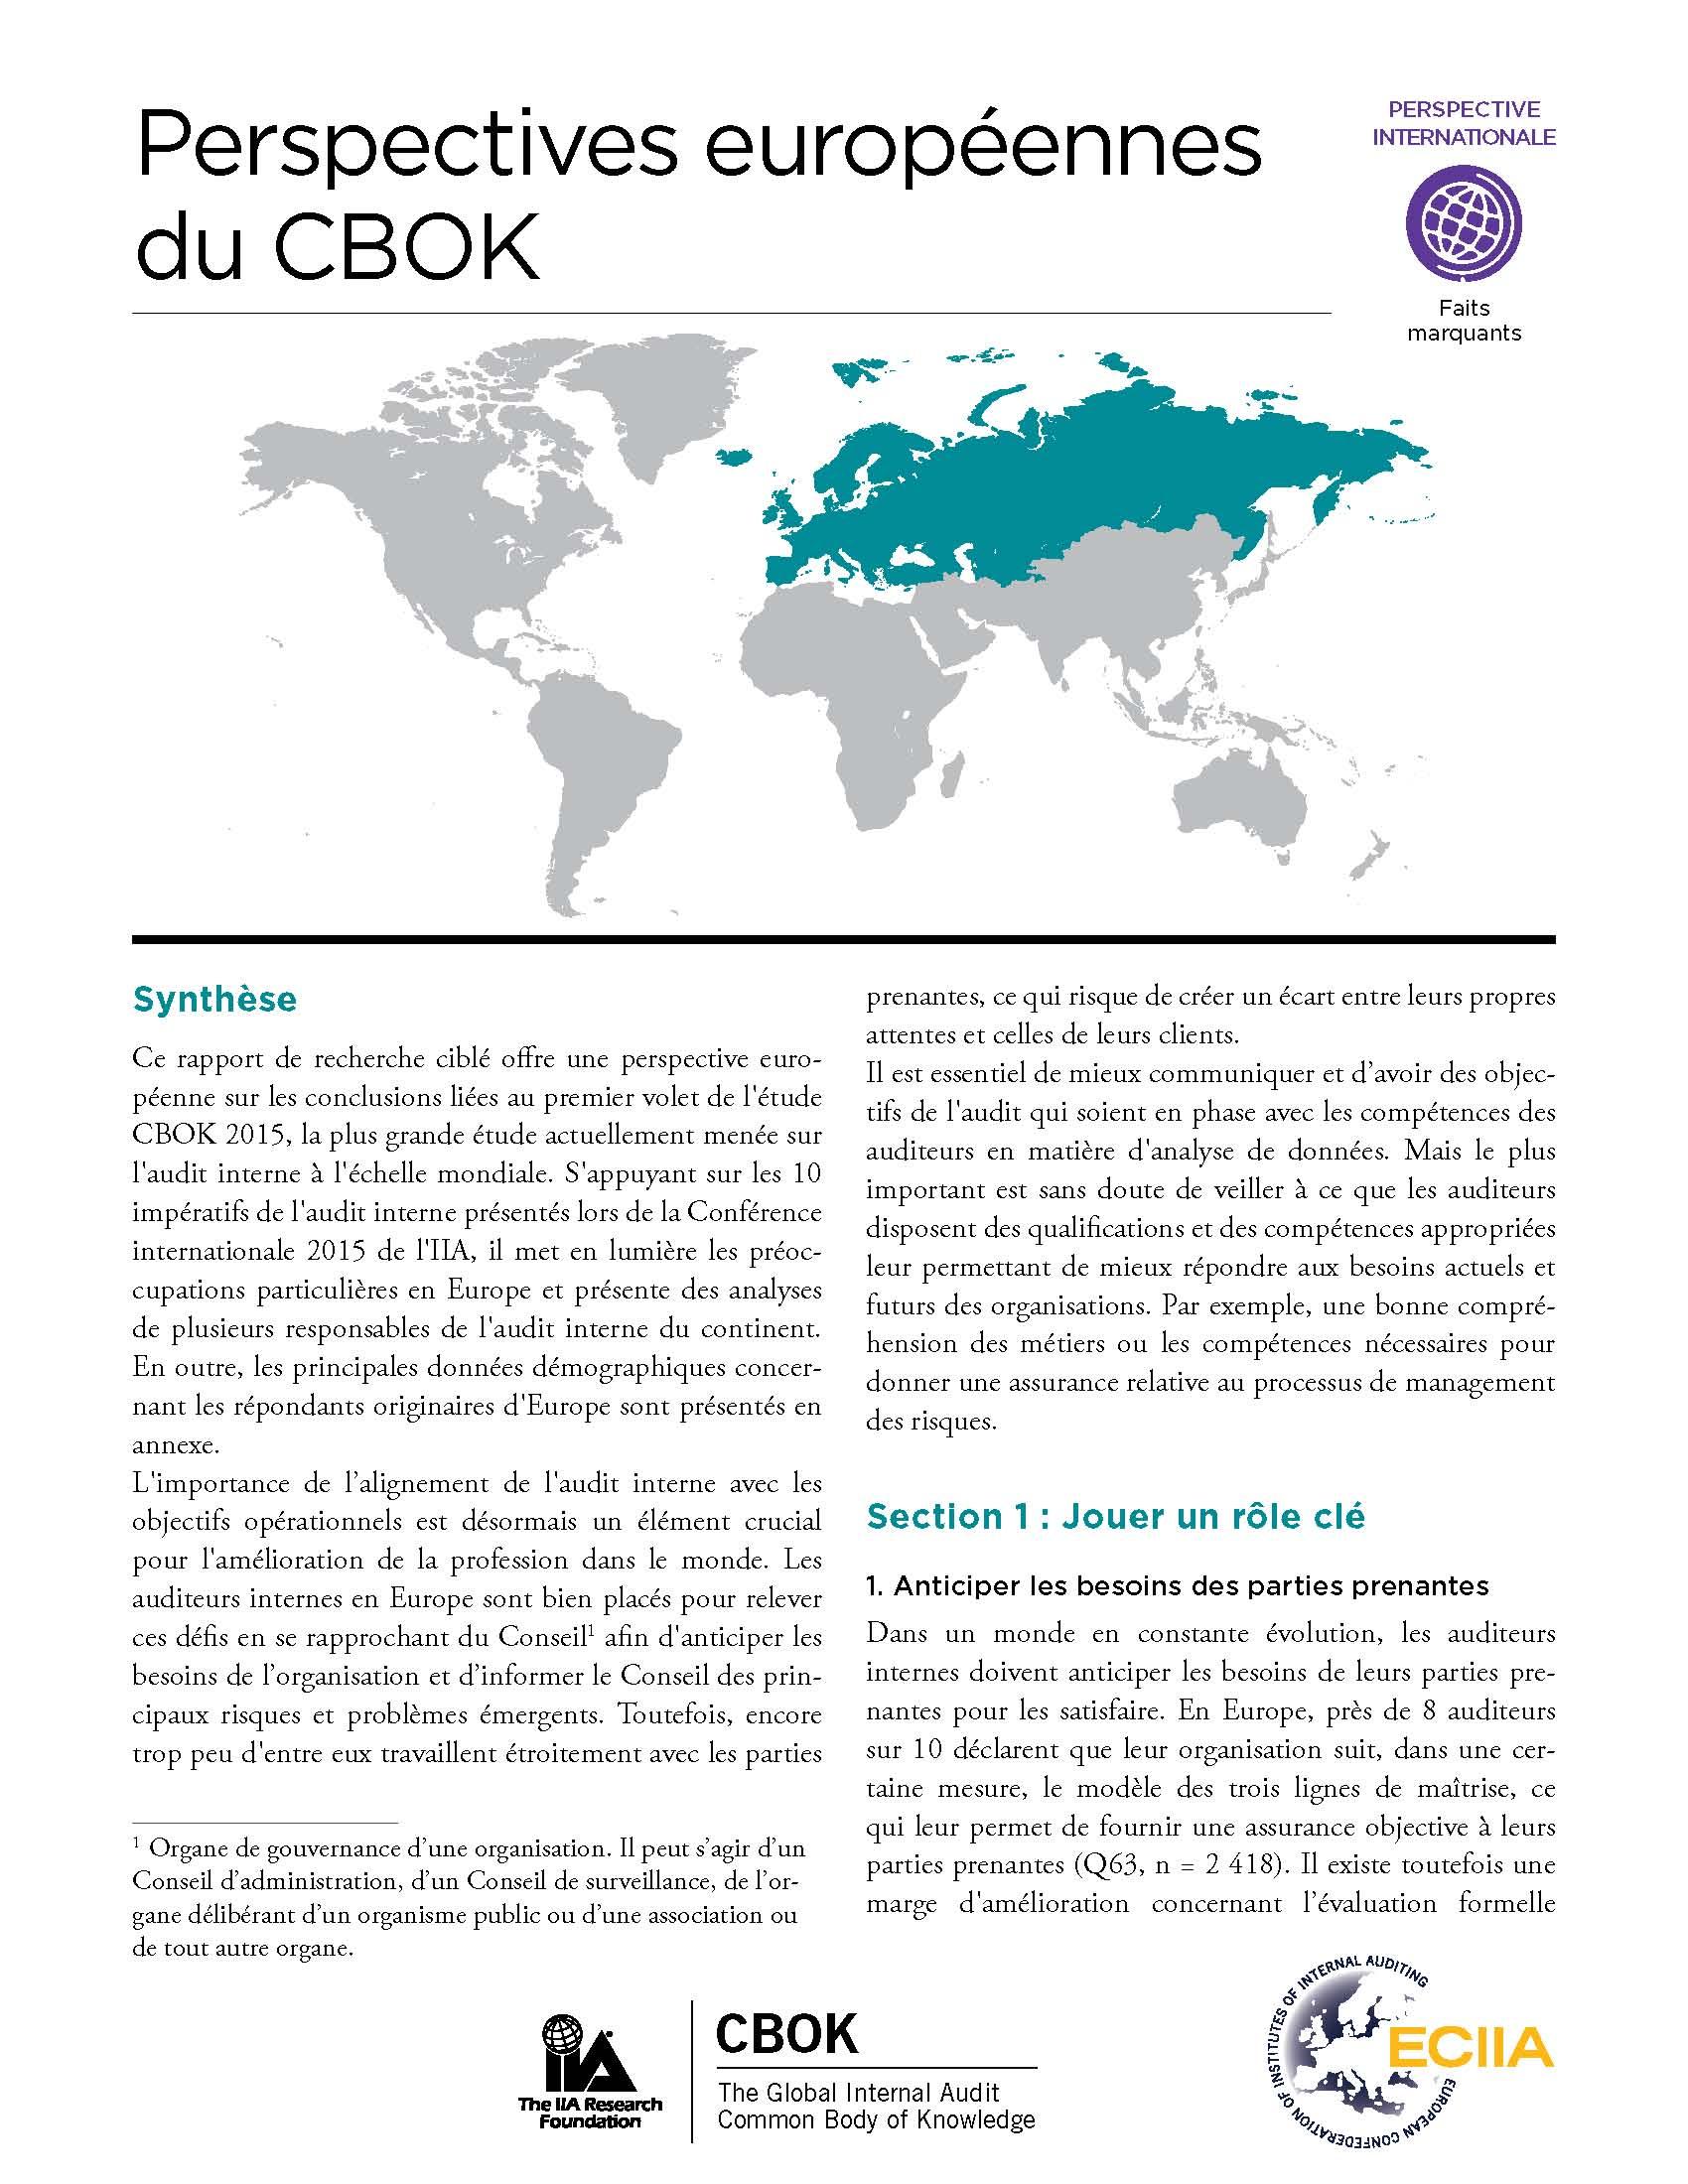 Perspectives européennes du CBOK